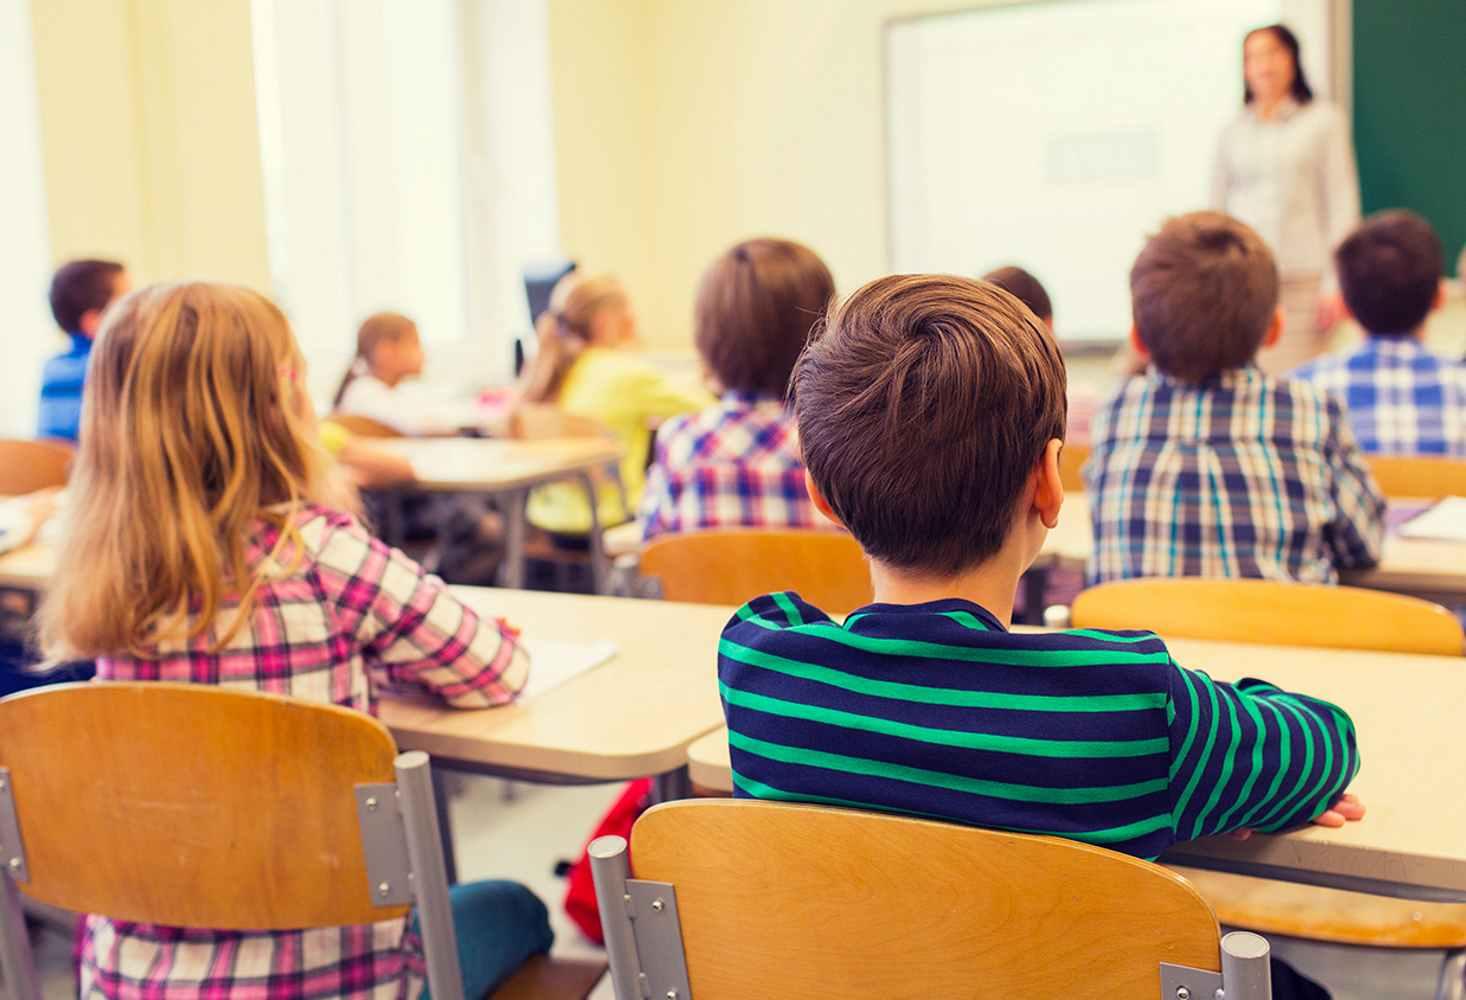 v-rossijskih-shkolah-predlozhili-vvesti-uroki-nravstvennosti